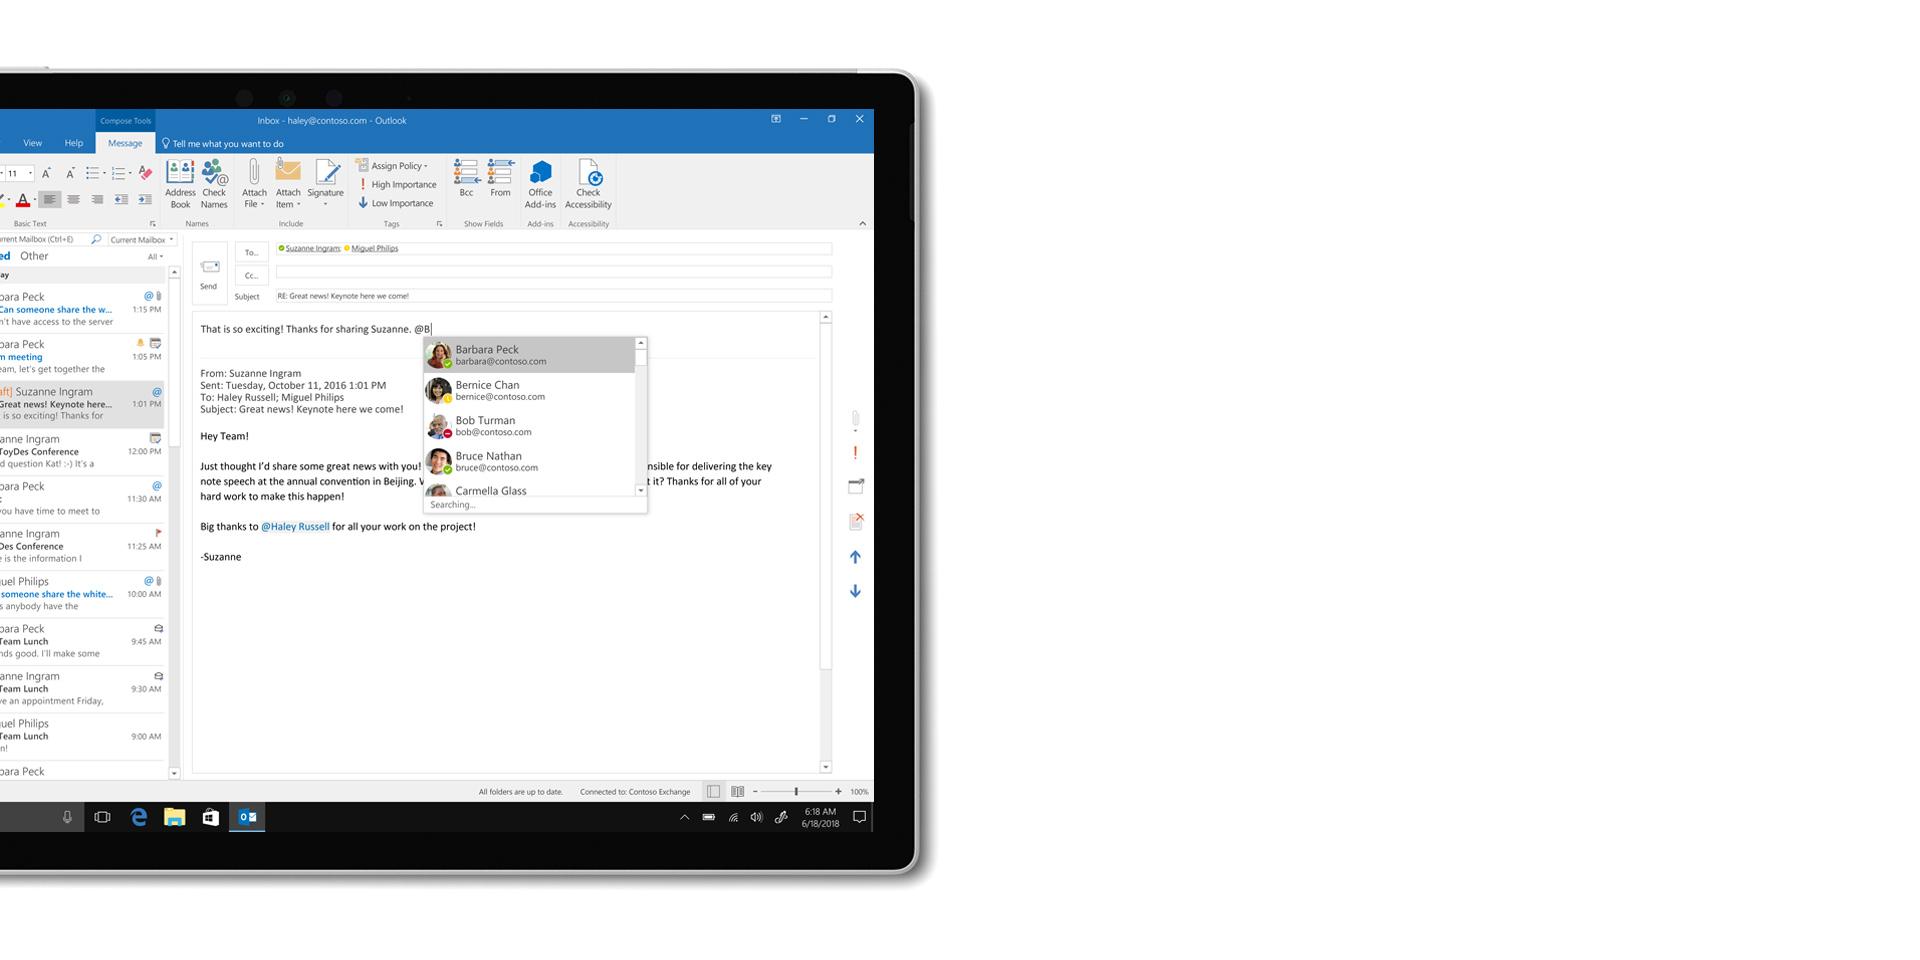 Application Outlook affichée sur l'écran de SurfaceBook2, détaché du clavier.